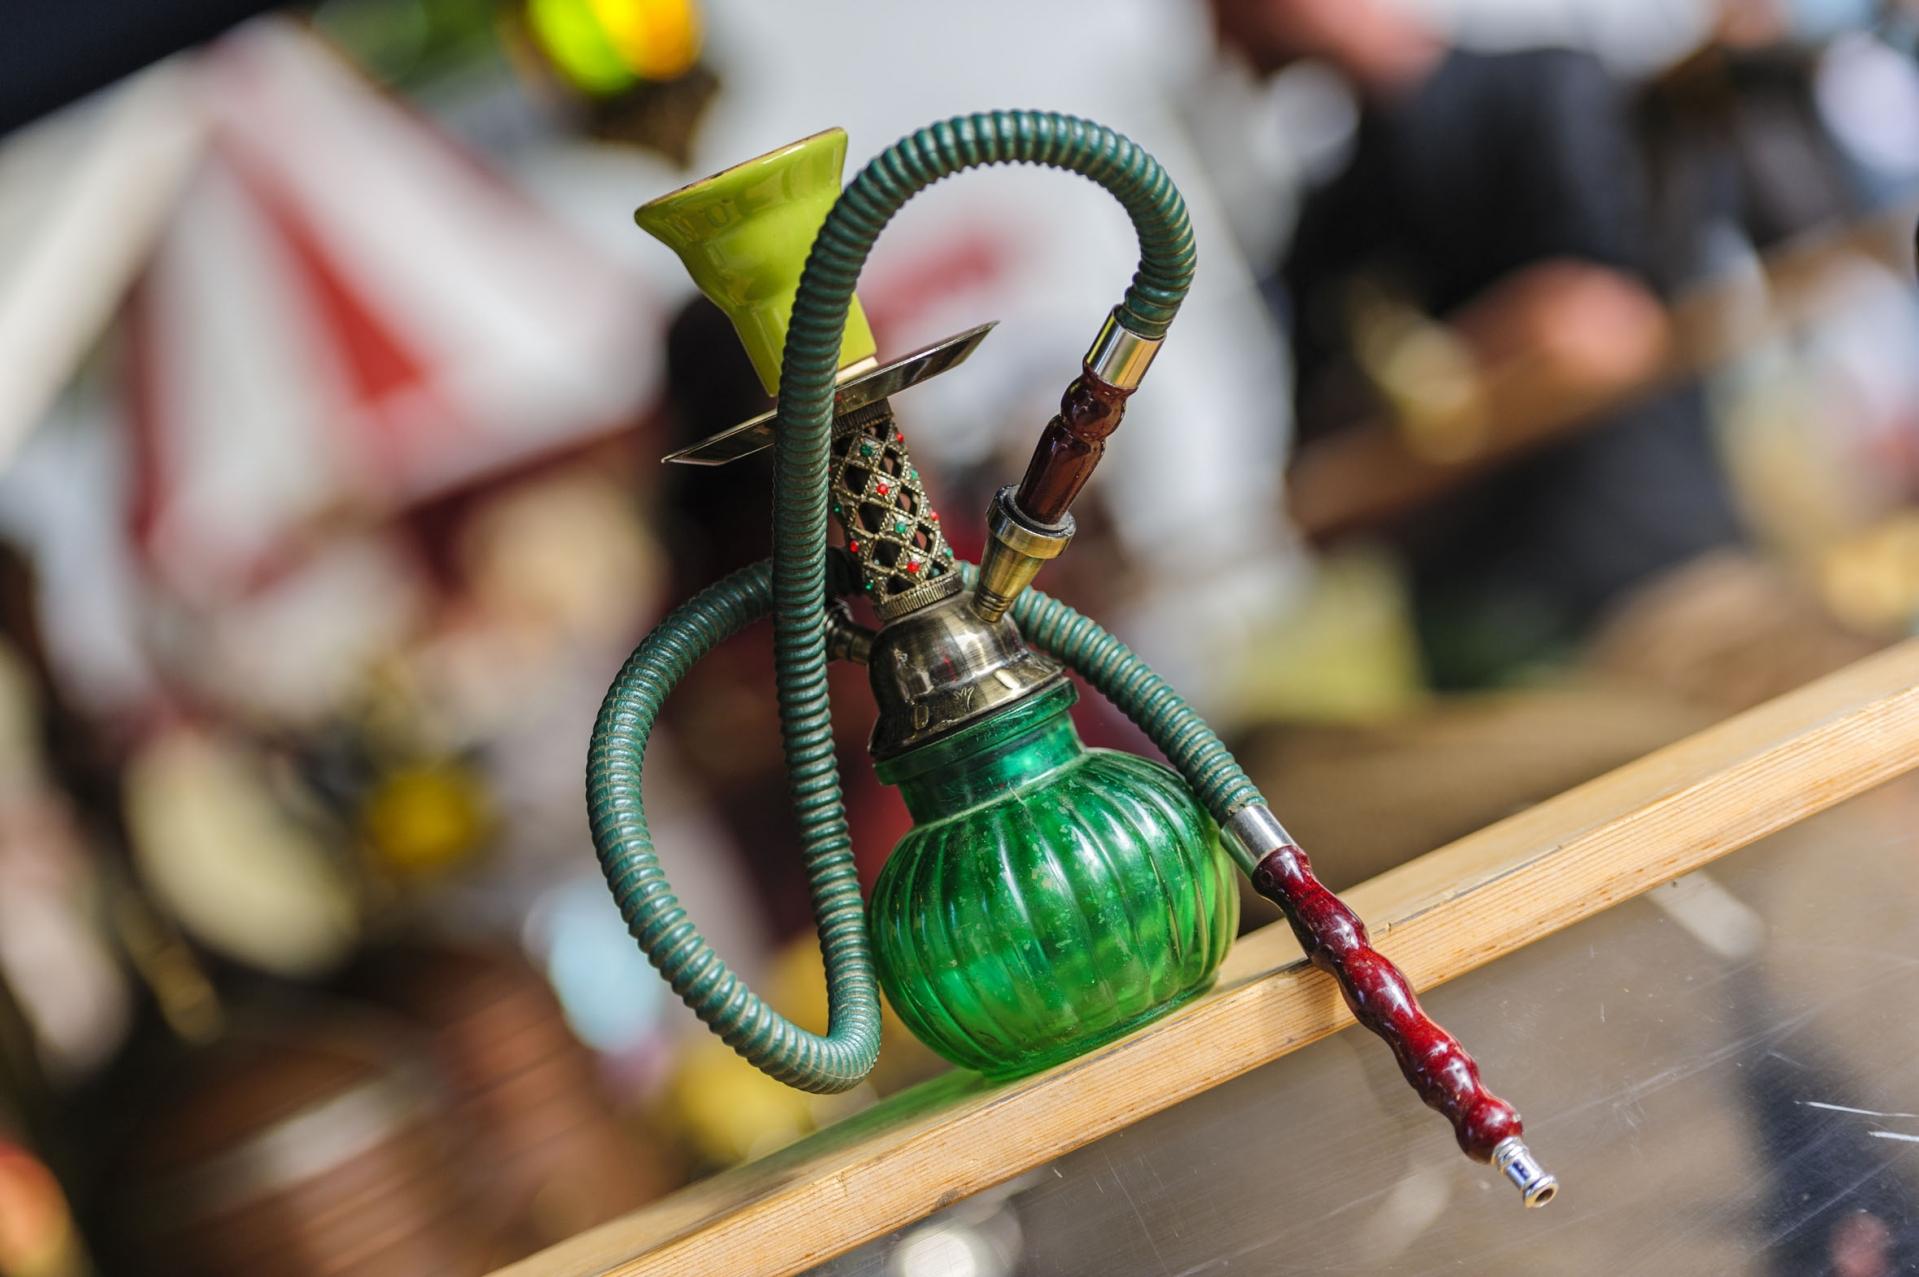 Wir haben alles für Wasserpfeifen. © Imaginis - Fotolia.com